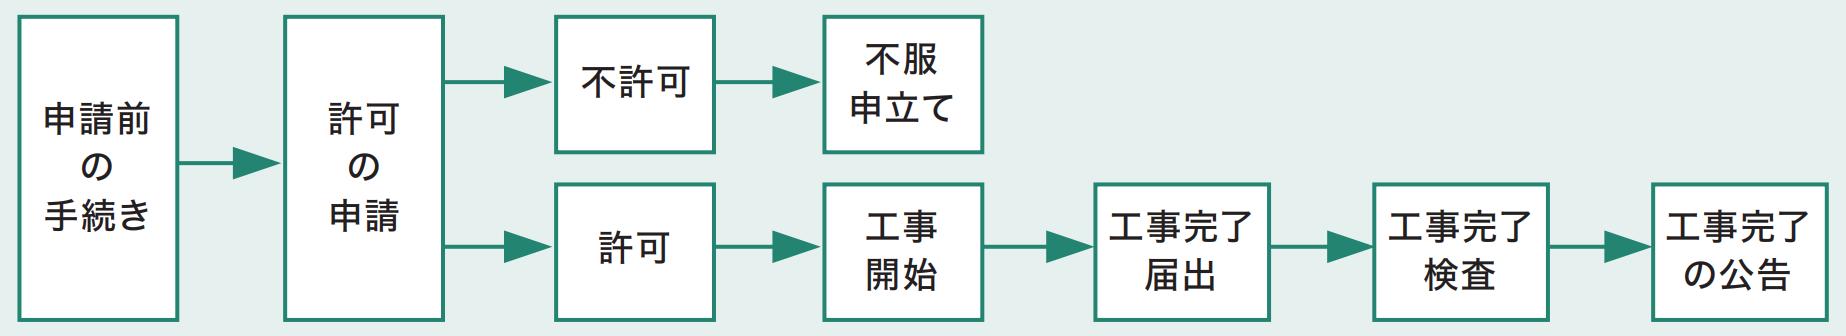 開発許可の手続きの流れ